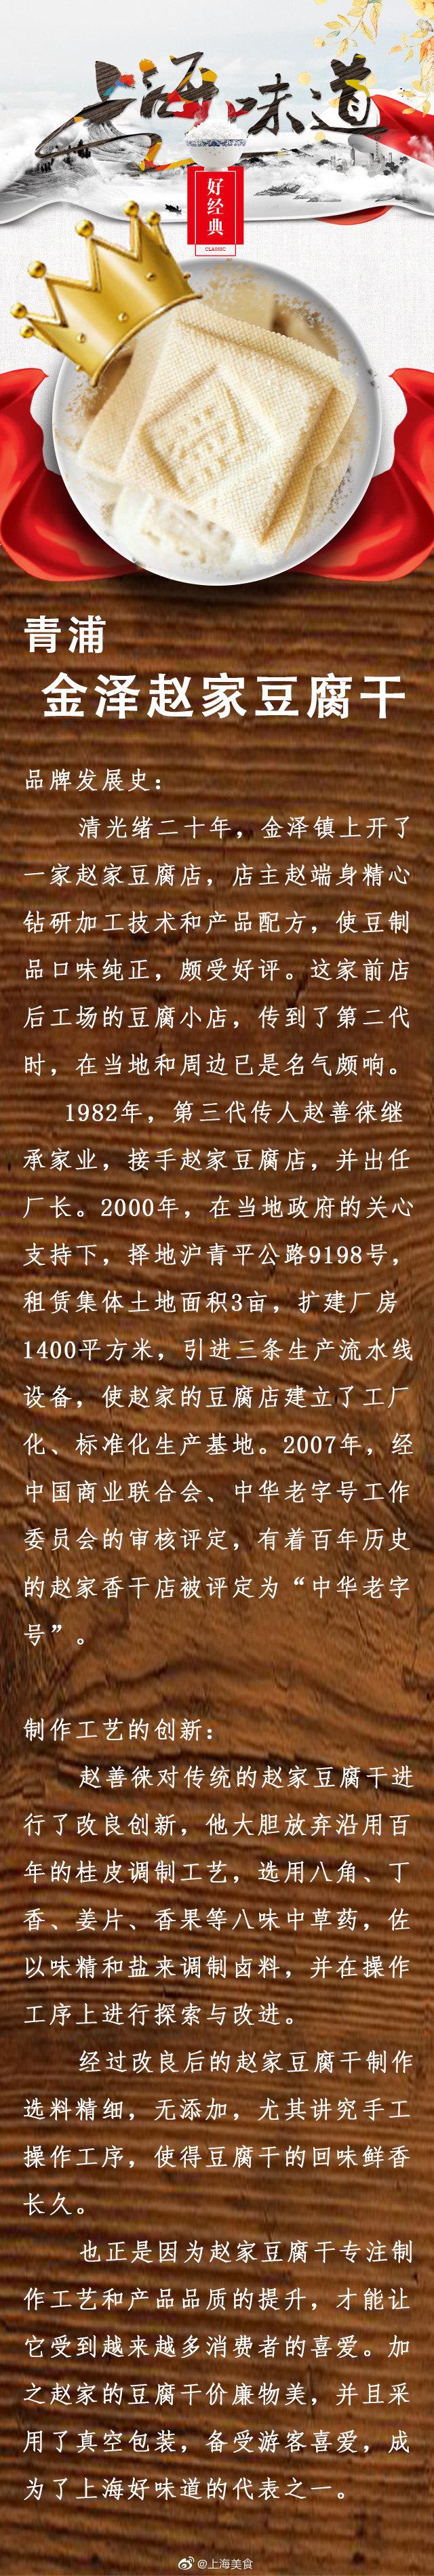 八宝辣酱食材PK结果公布,一起了解美食背后的故事